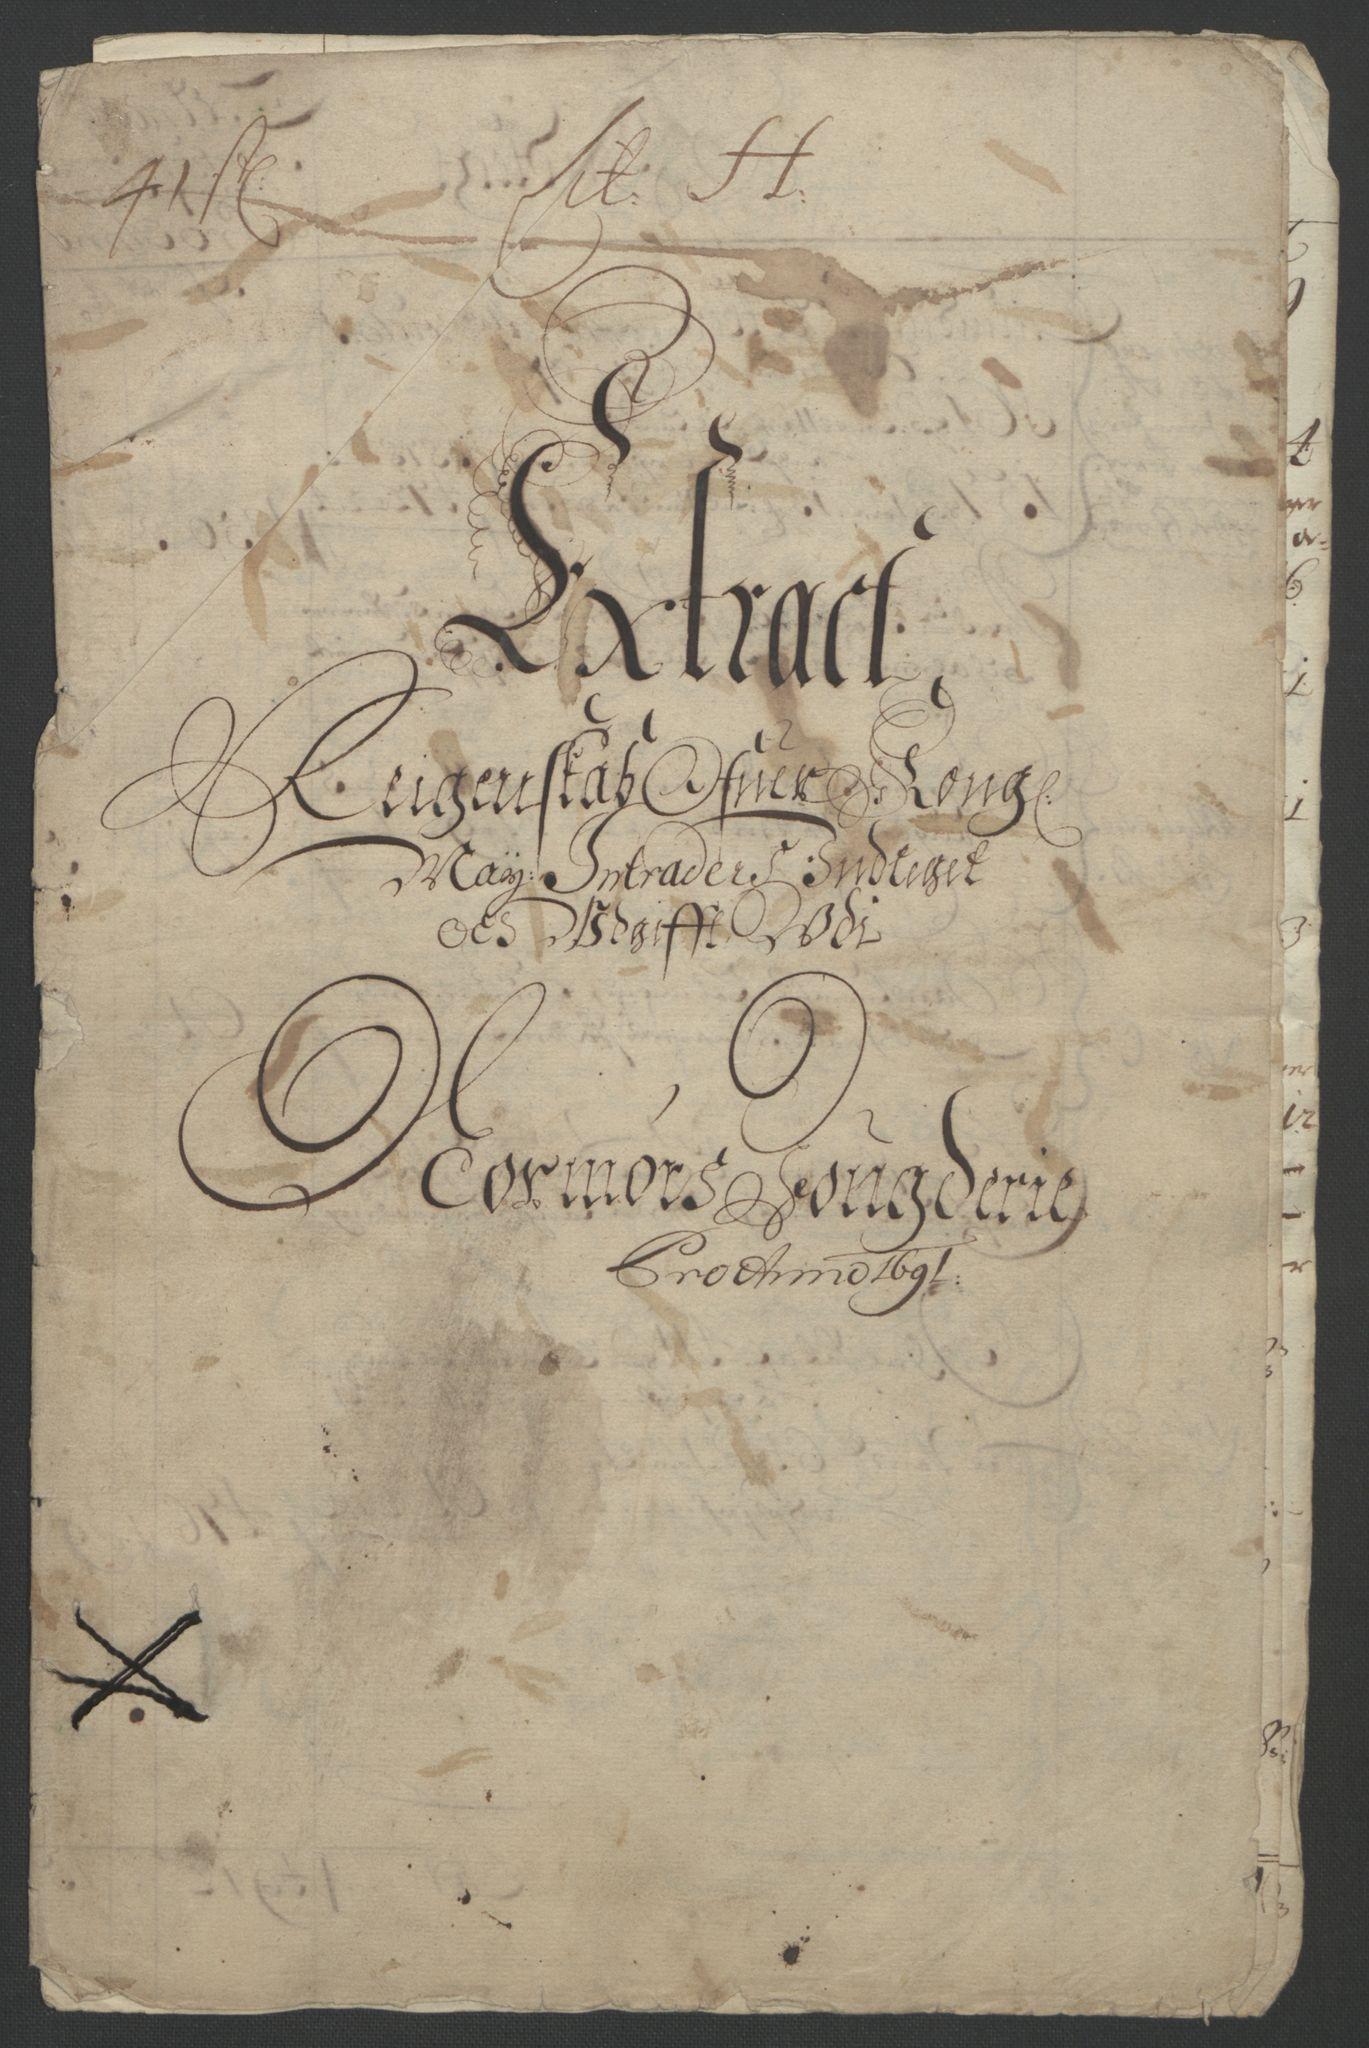 RA, Rentekammeret inntil 1814, Reviderte regnskaper, Fogderegnskap, R56/L3734: Fogderegnskap Nordmøre, 1690-1691, s. 221